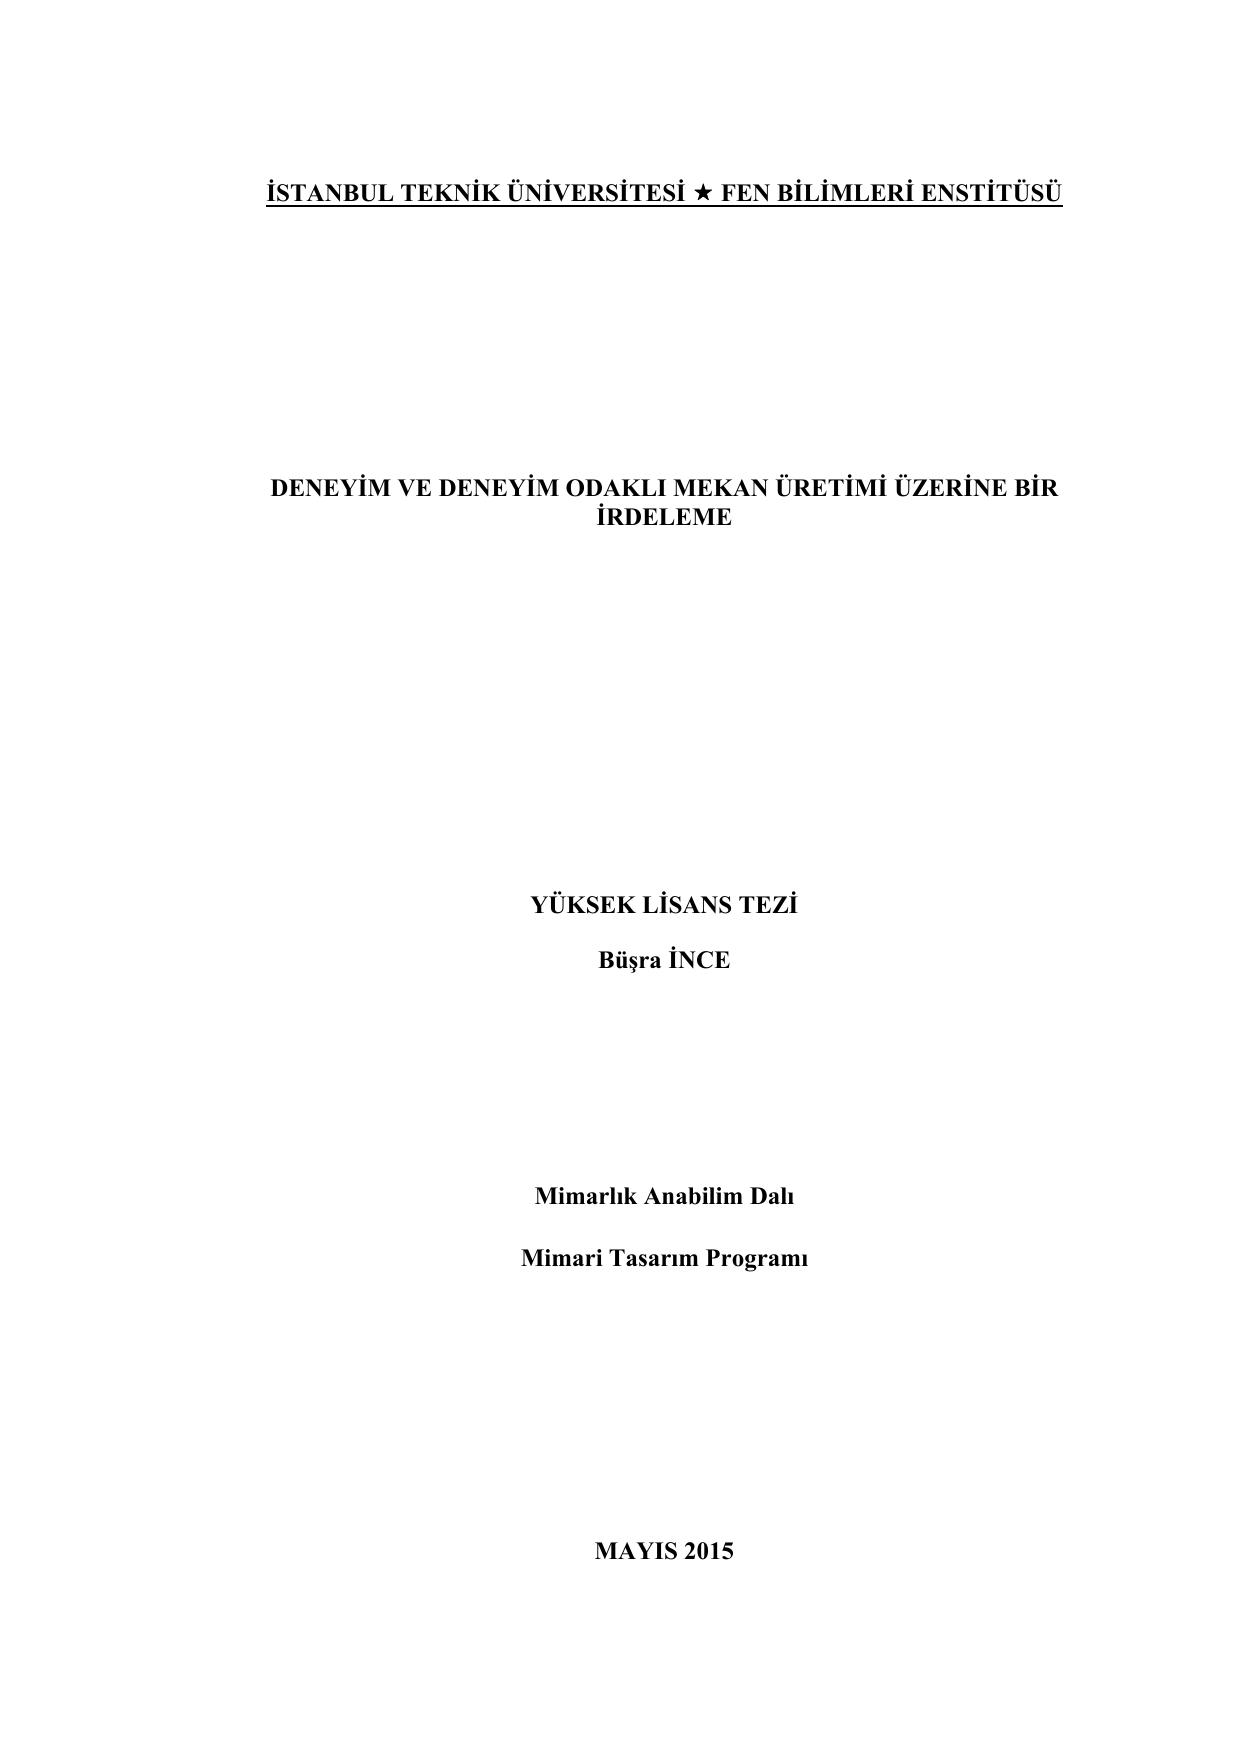 Hendek kazma ekskavatör: açıklamalar, uygulama, fotoğraf 10